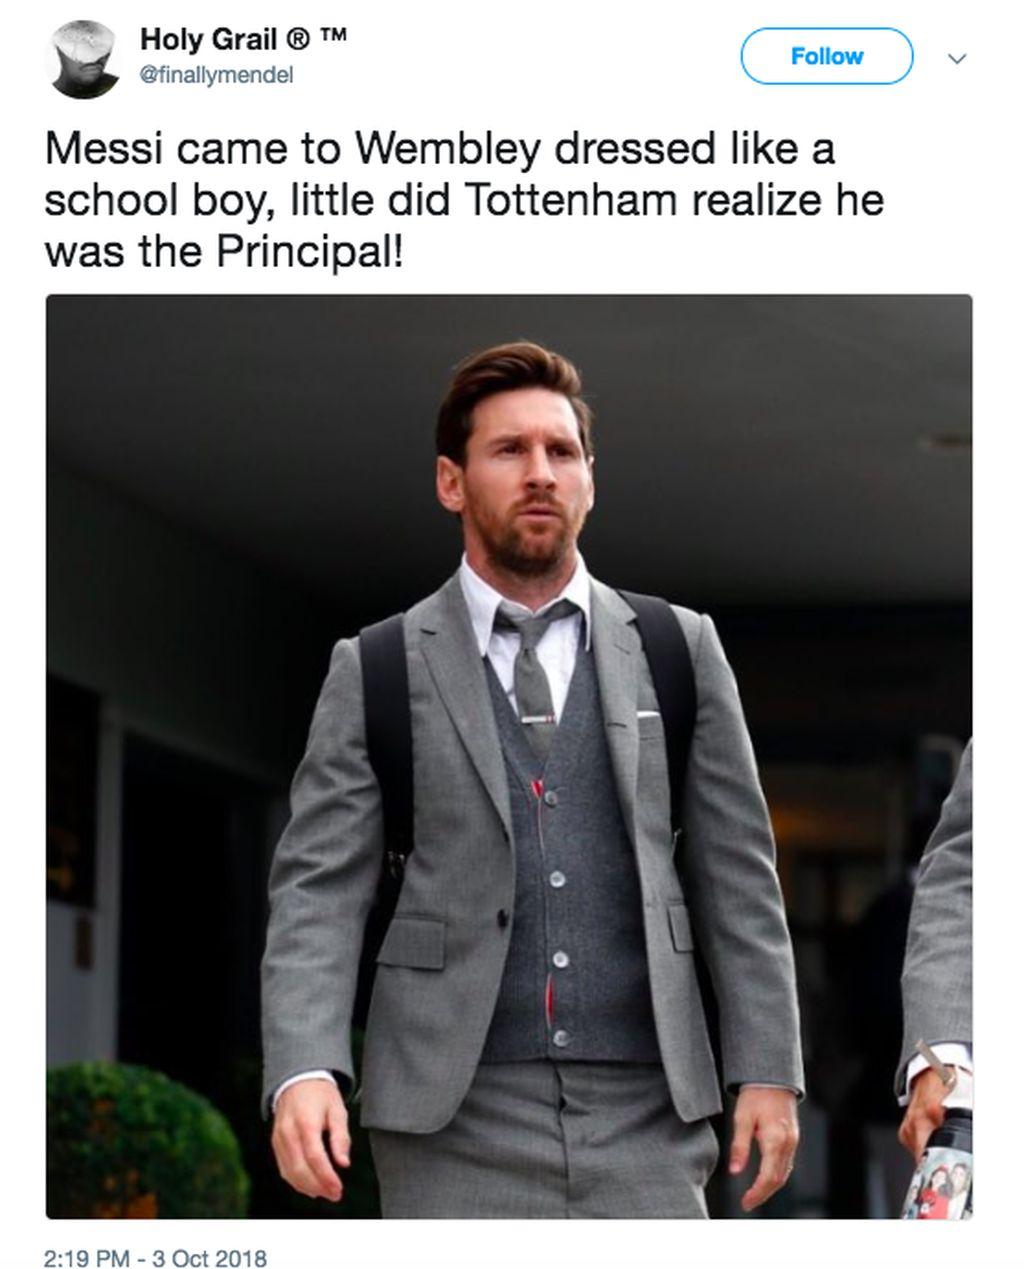 Messi datang ke Wembley berbusana ala murid sekolah, padahal sebenarnya dia sang kepala sekolah. Foto: istimewa